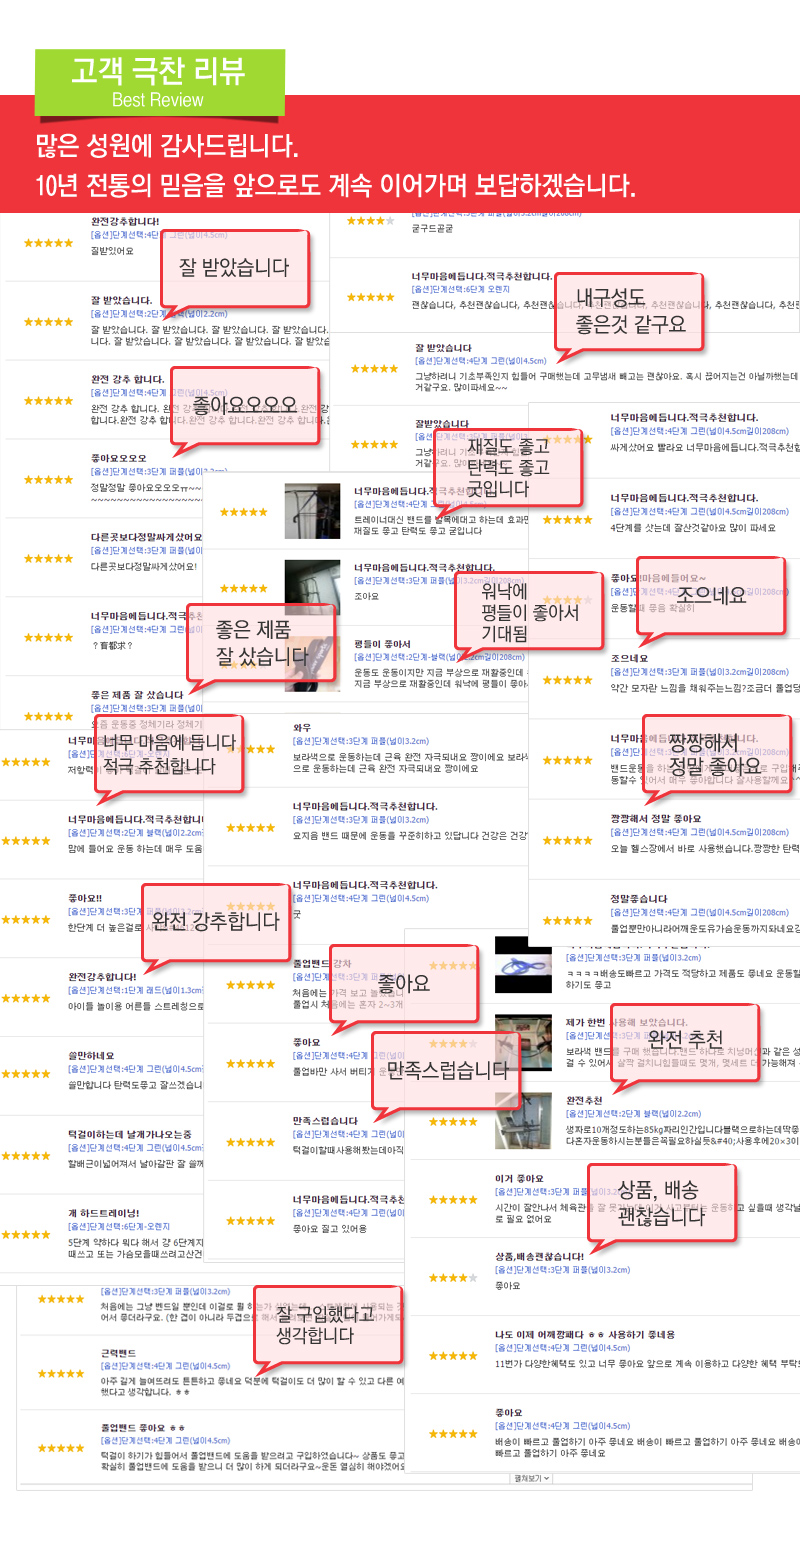 멜킨스포츠 EPP 마사지볼 듀얼 땅콩볼 - 멜킨스포츠, 11,900원, 운동기구/소품, 운동소품